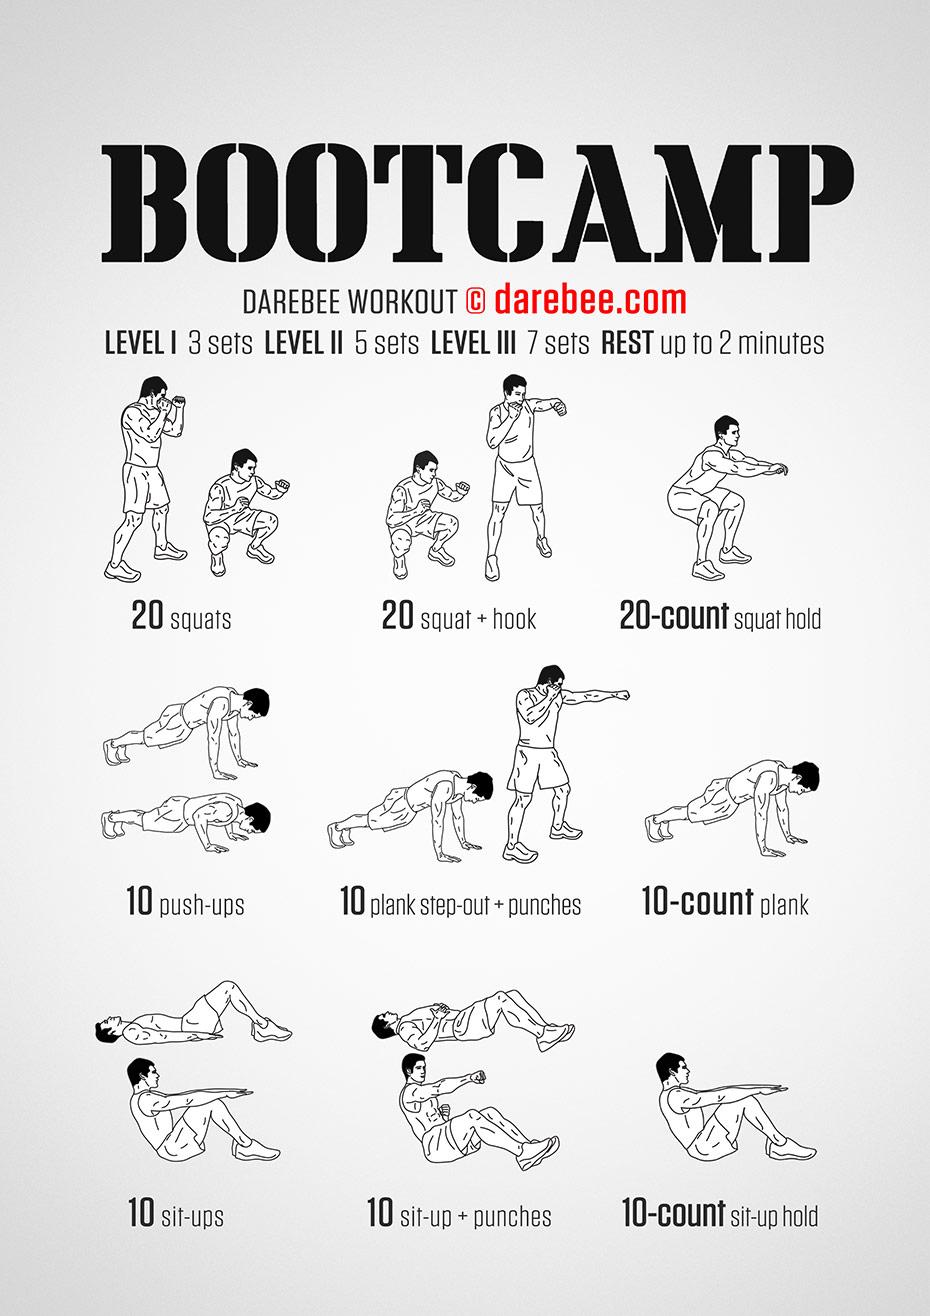 Thermopylae OCR Bootcamp Workout Monday May 16